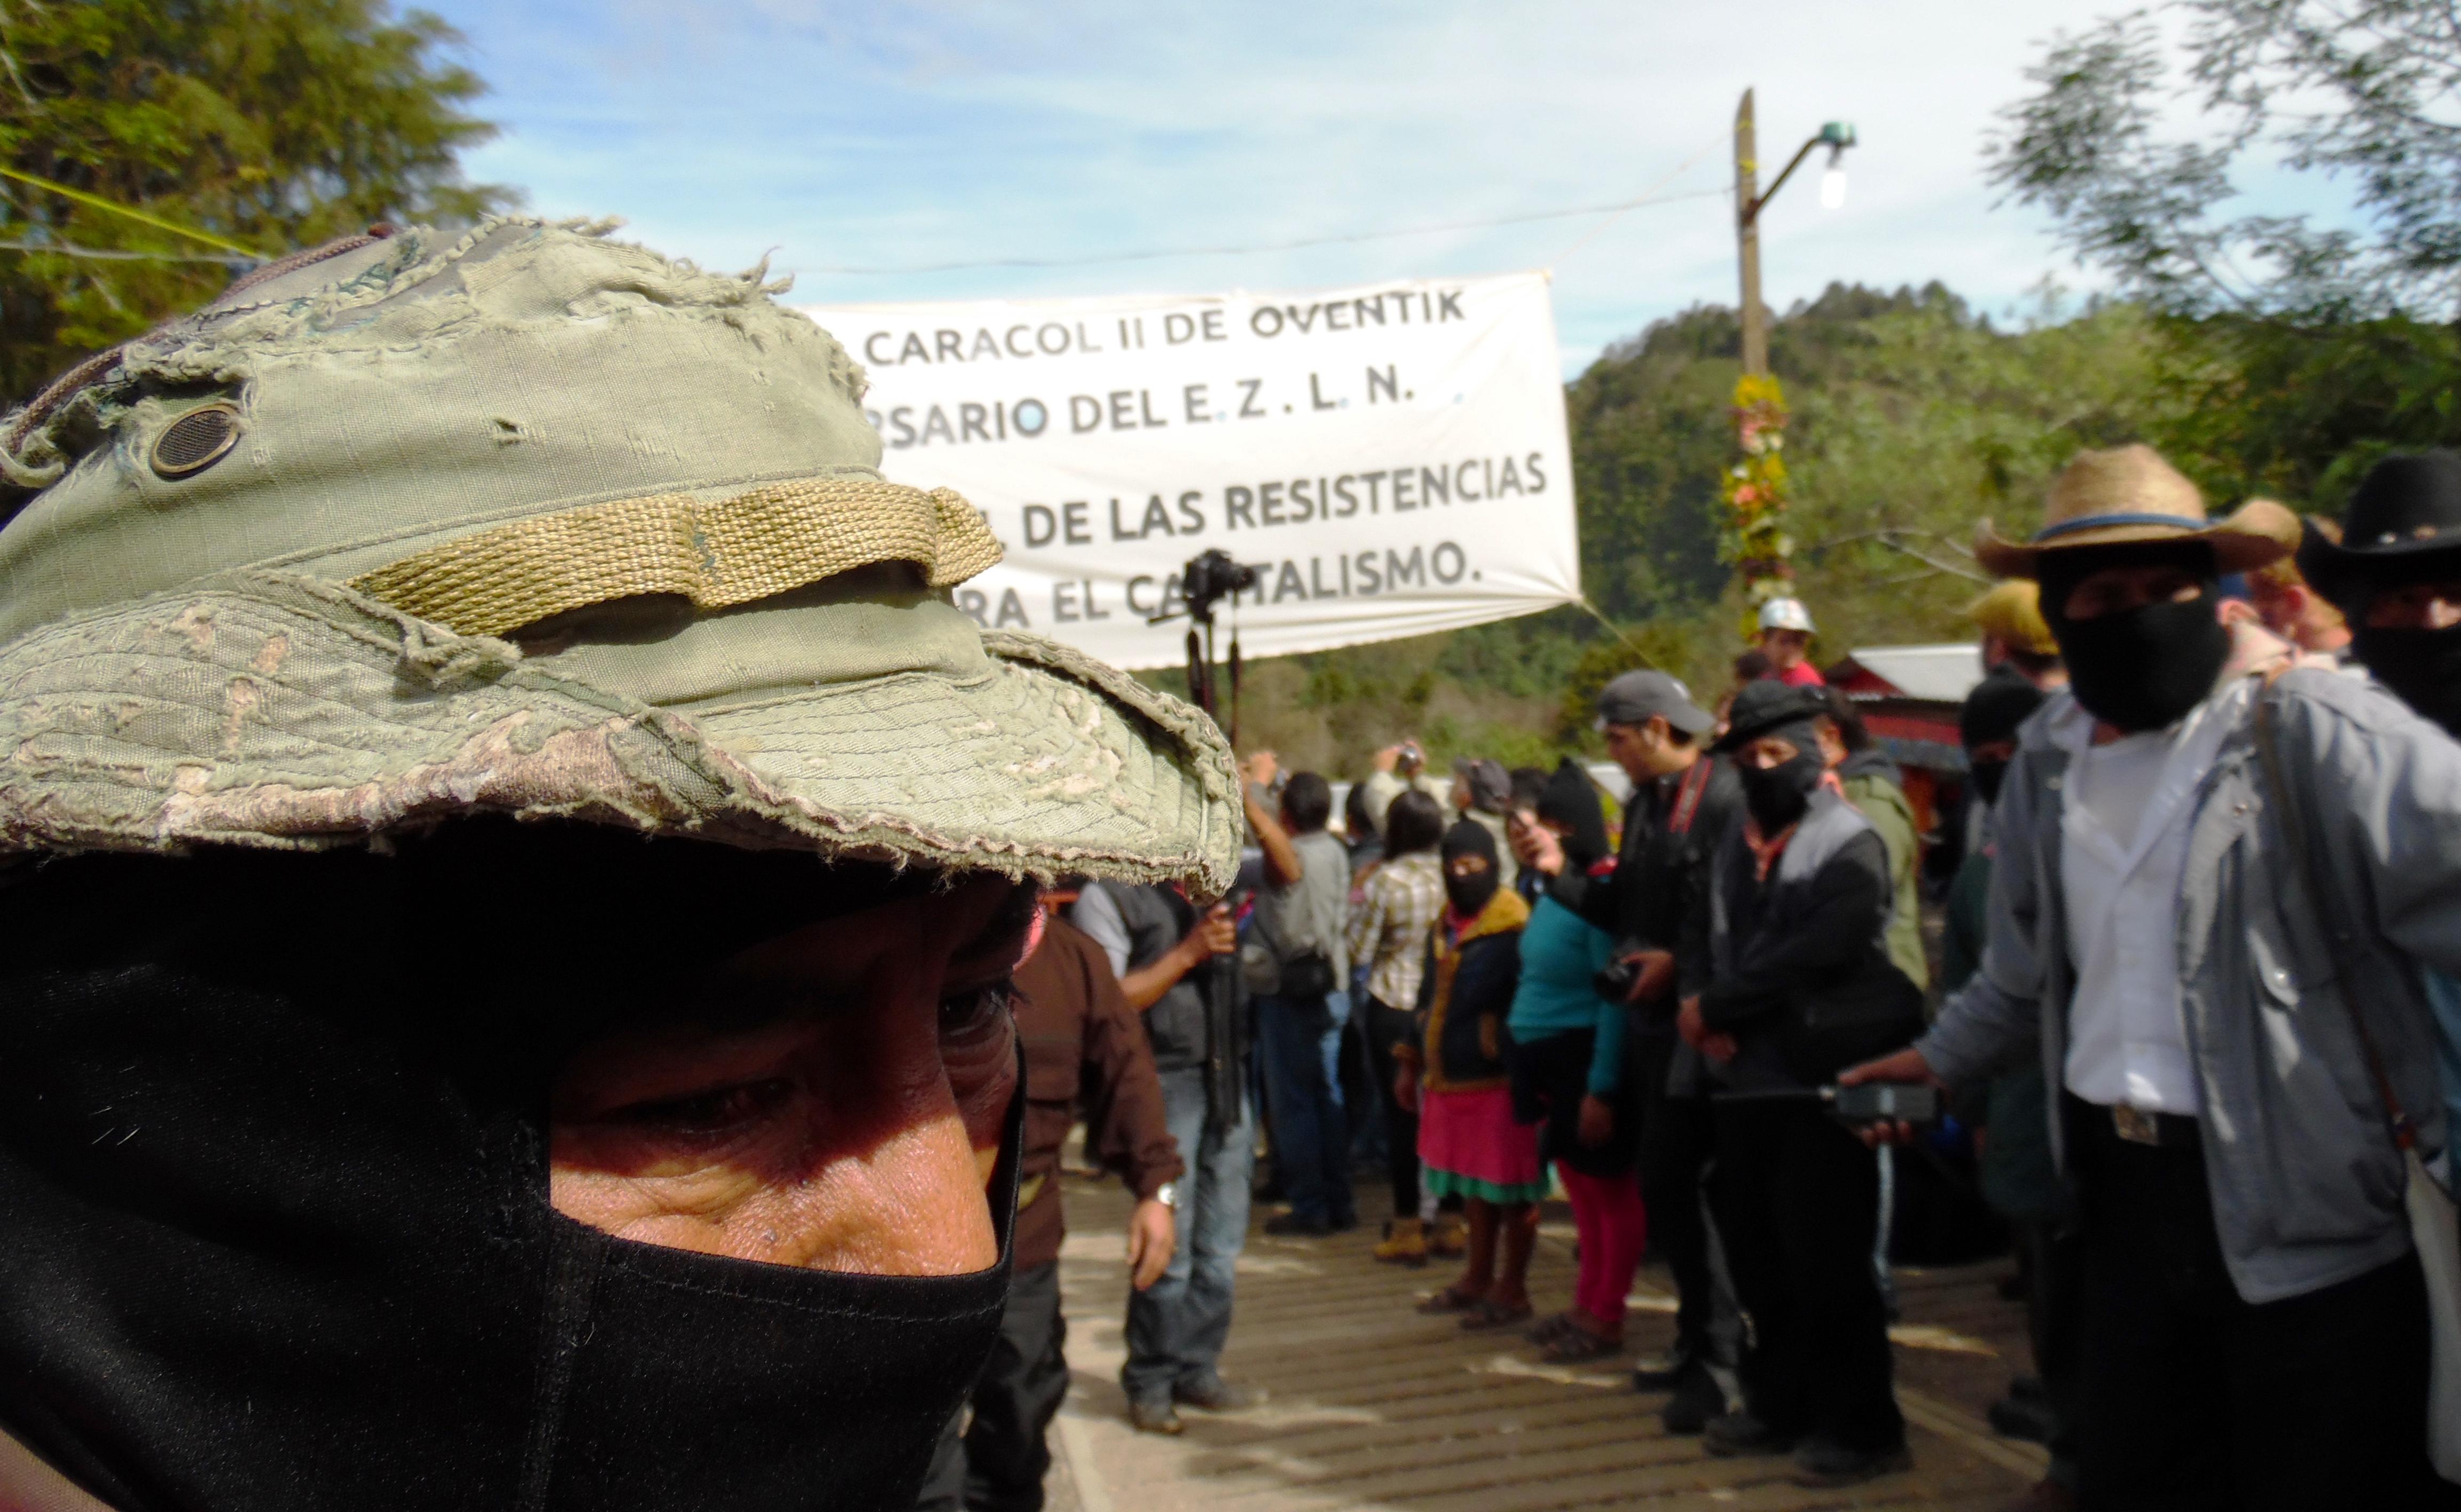 EN EL TABLÓN DE AVISOS. El Conserje. Comunicado sobre próximas actividades del EZLN